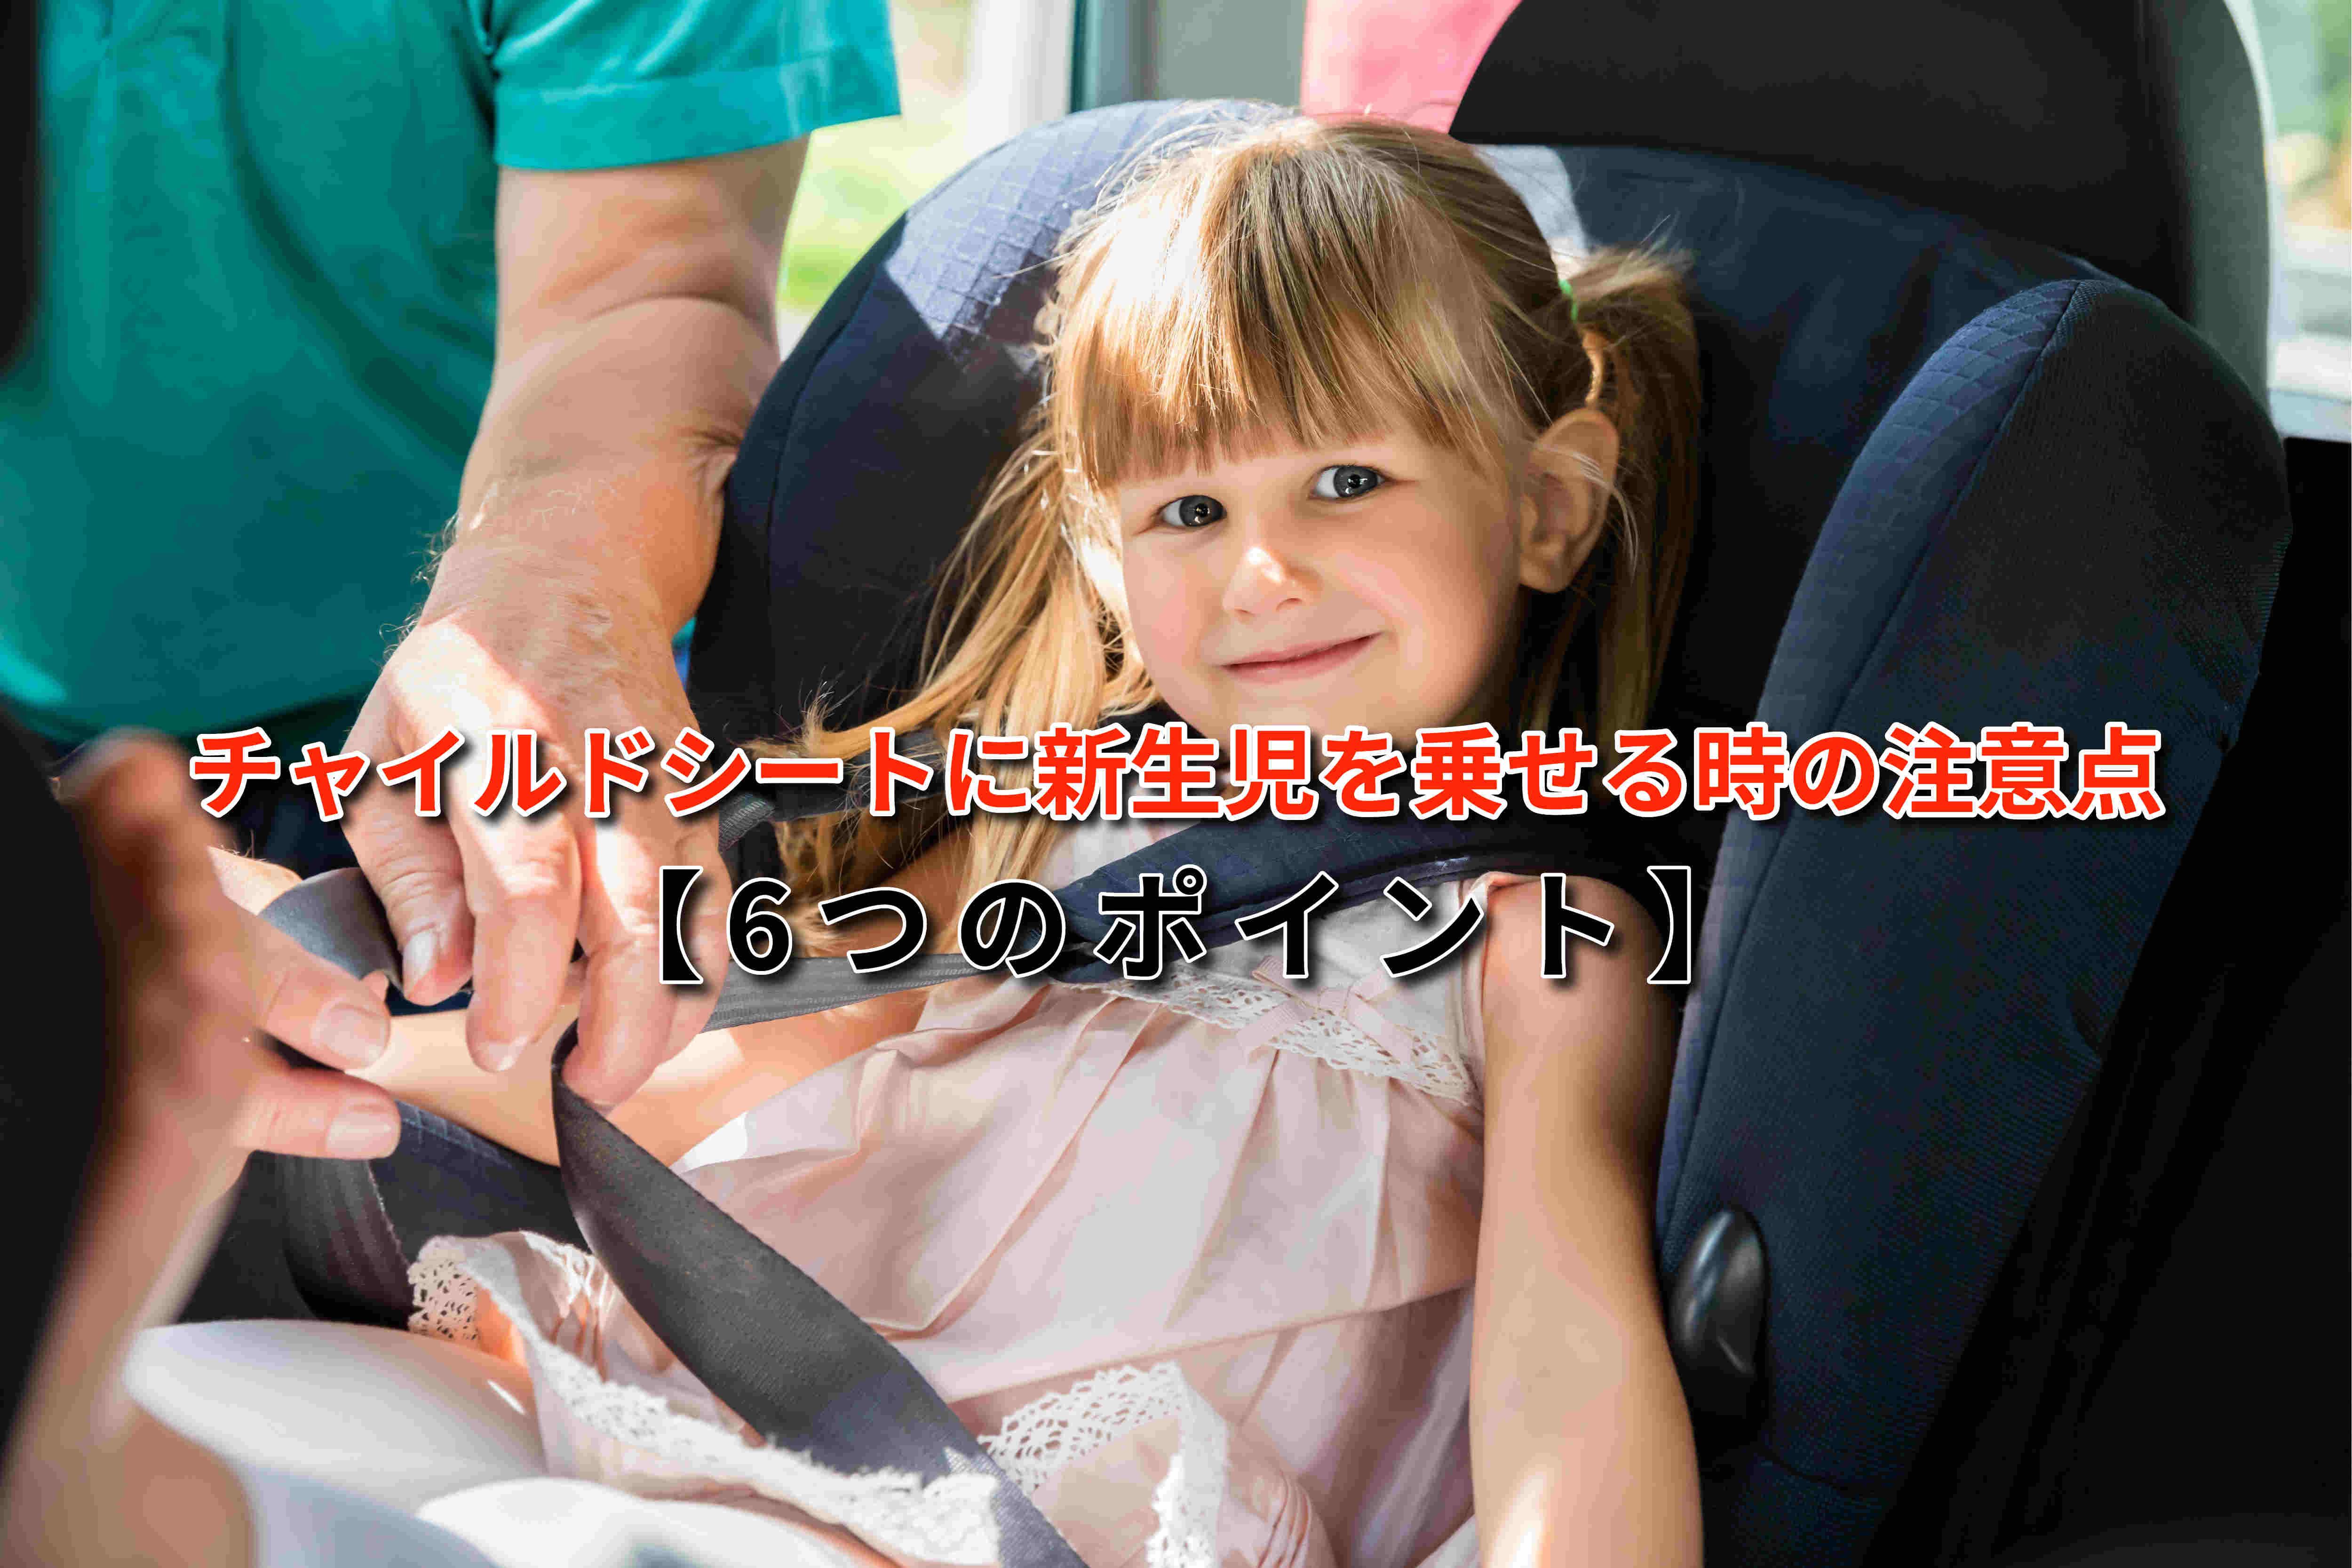 チャイルドシートに新生児を乗せる時の注意点【6つのポイント】